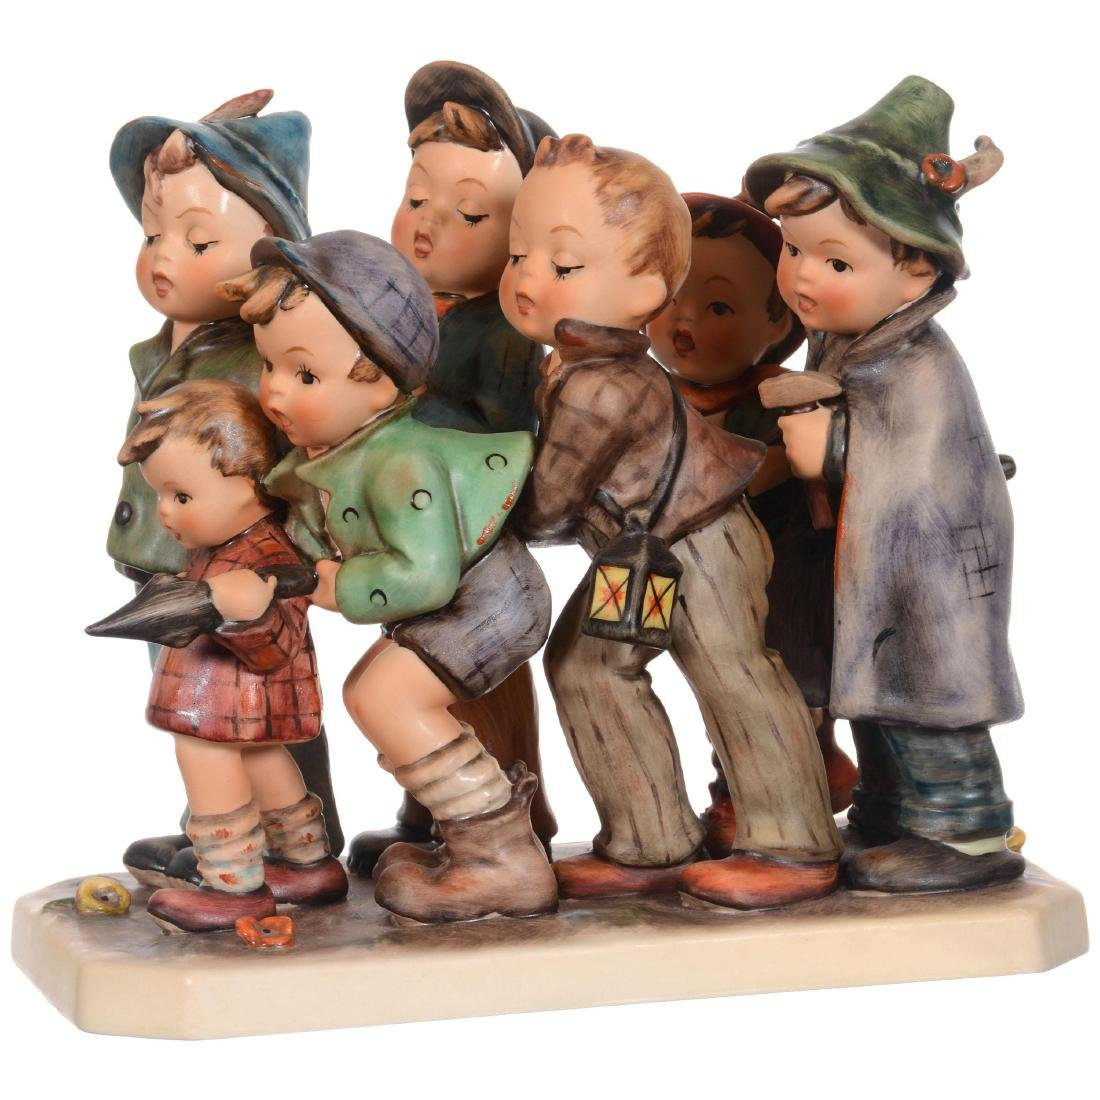 Hummel Figural Group